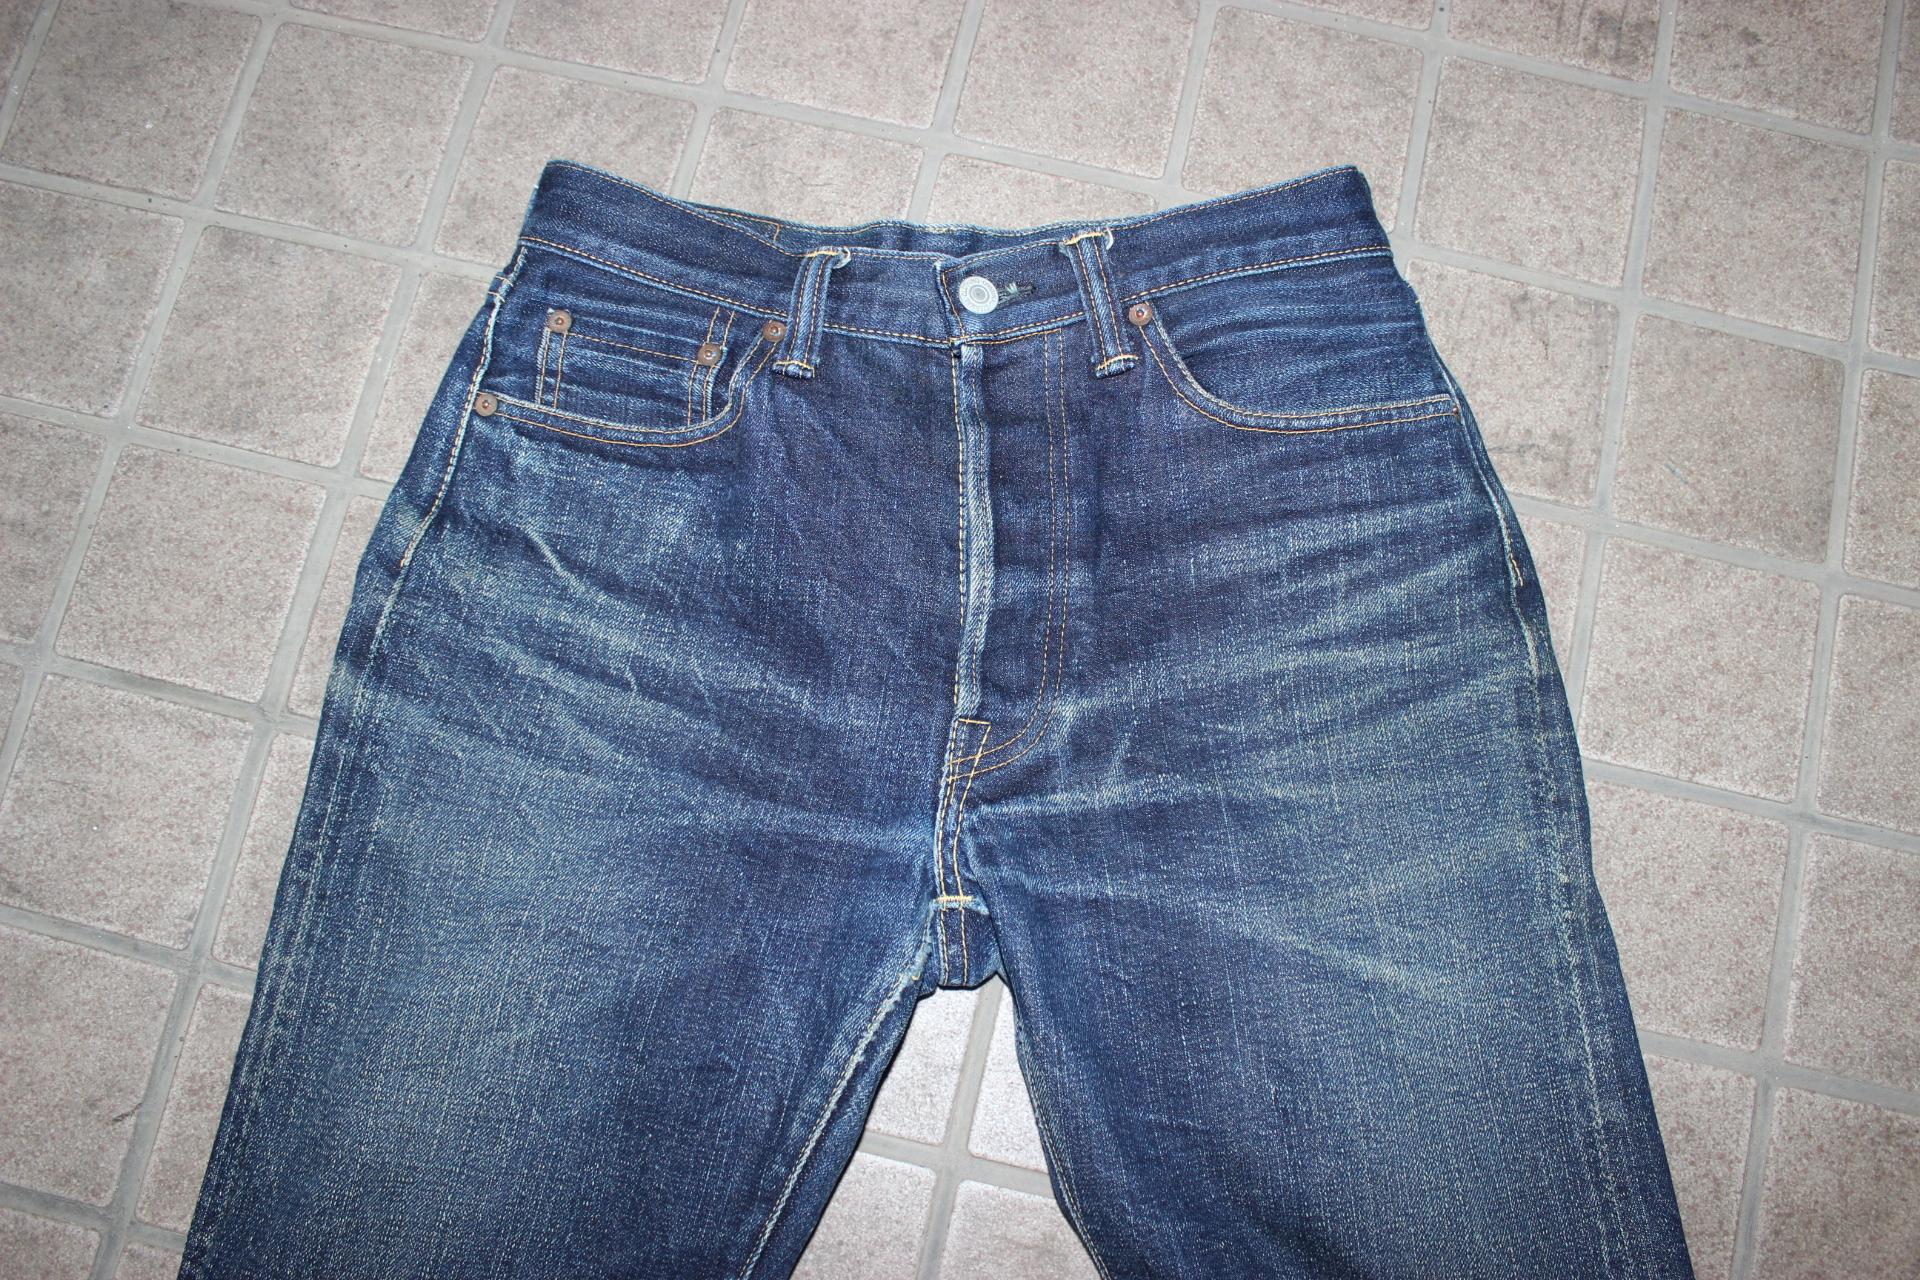 【おすすめのジーンズ】エターナル 811 の色落ち 評判・レビュー、シルエットは?